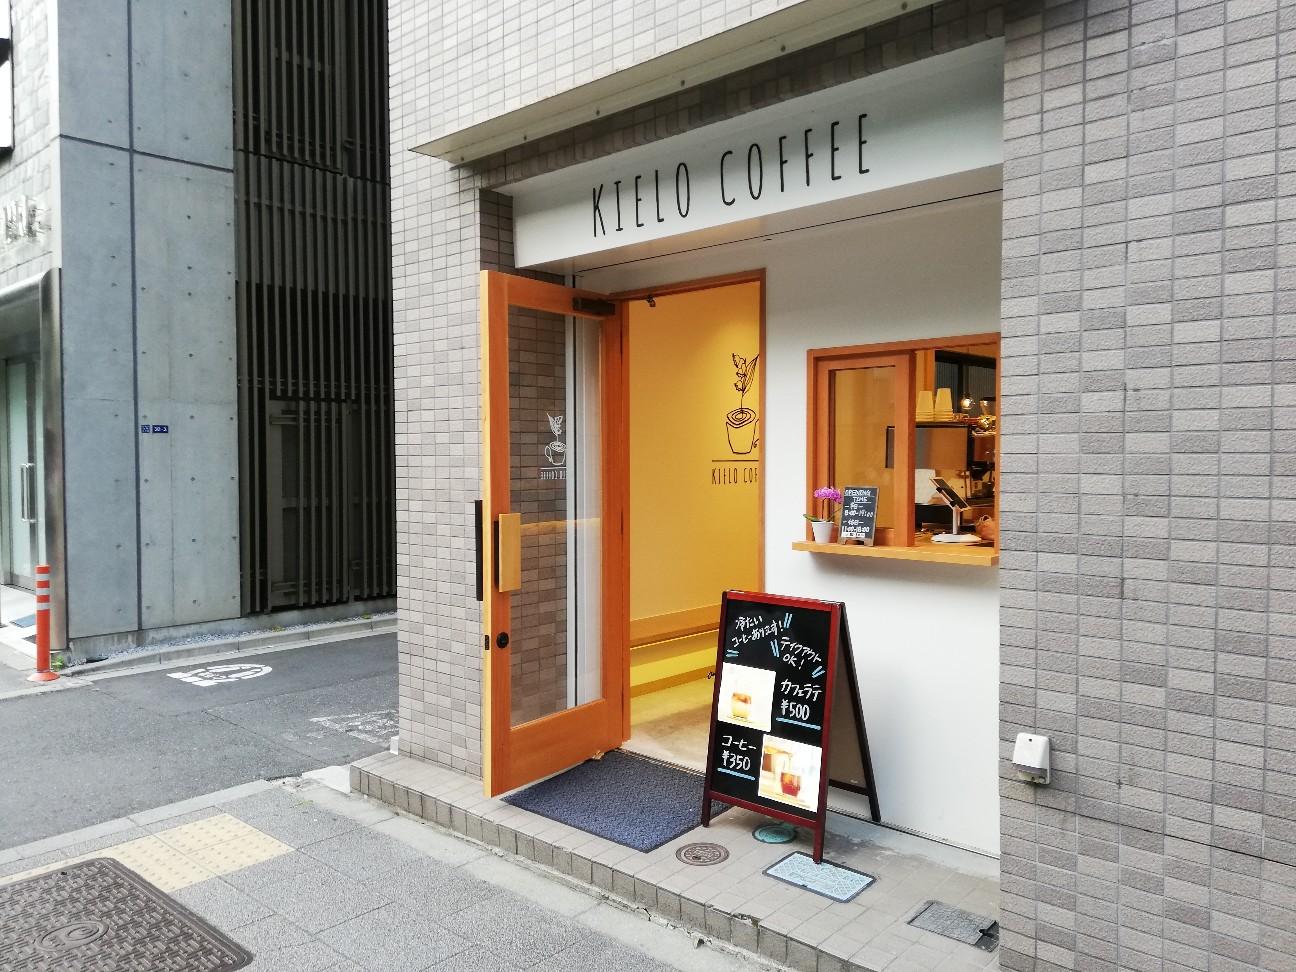 秋葉原のKIELO COFFEE外観